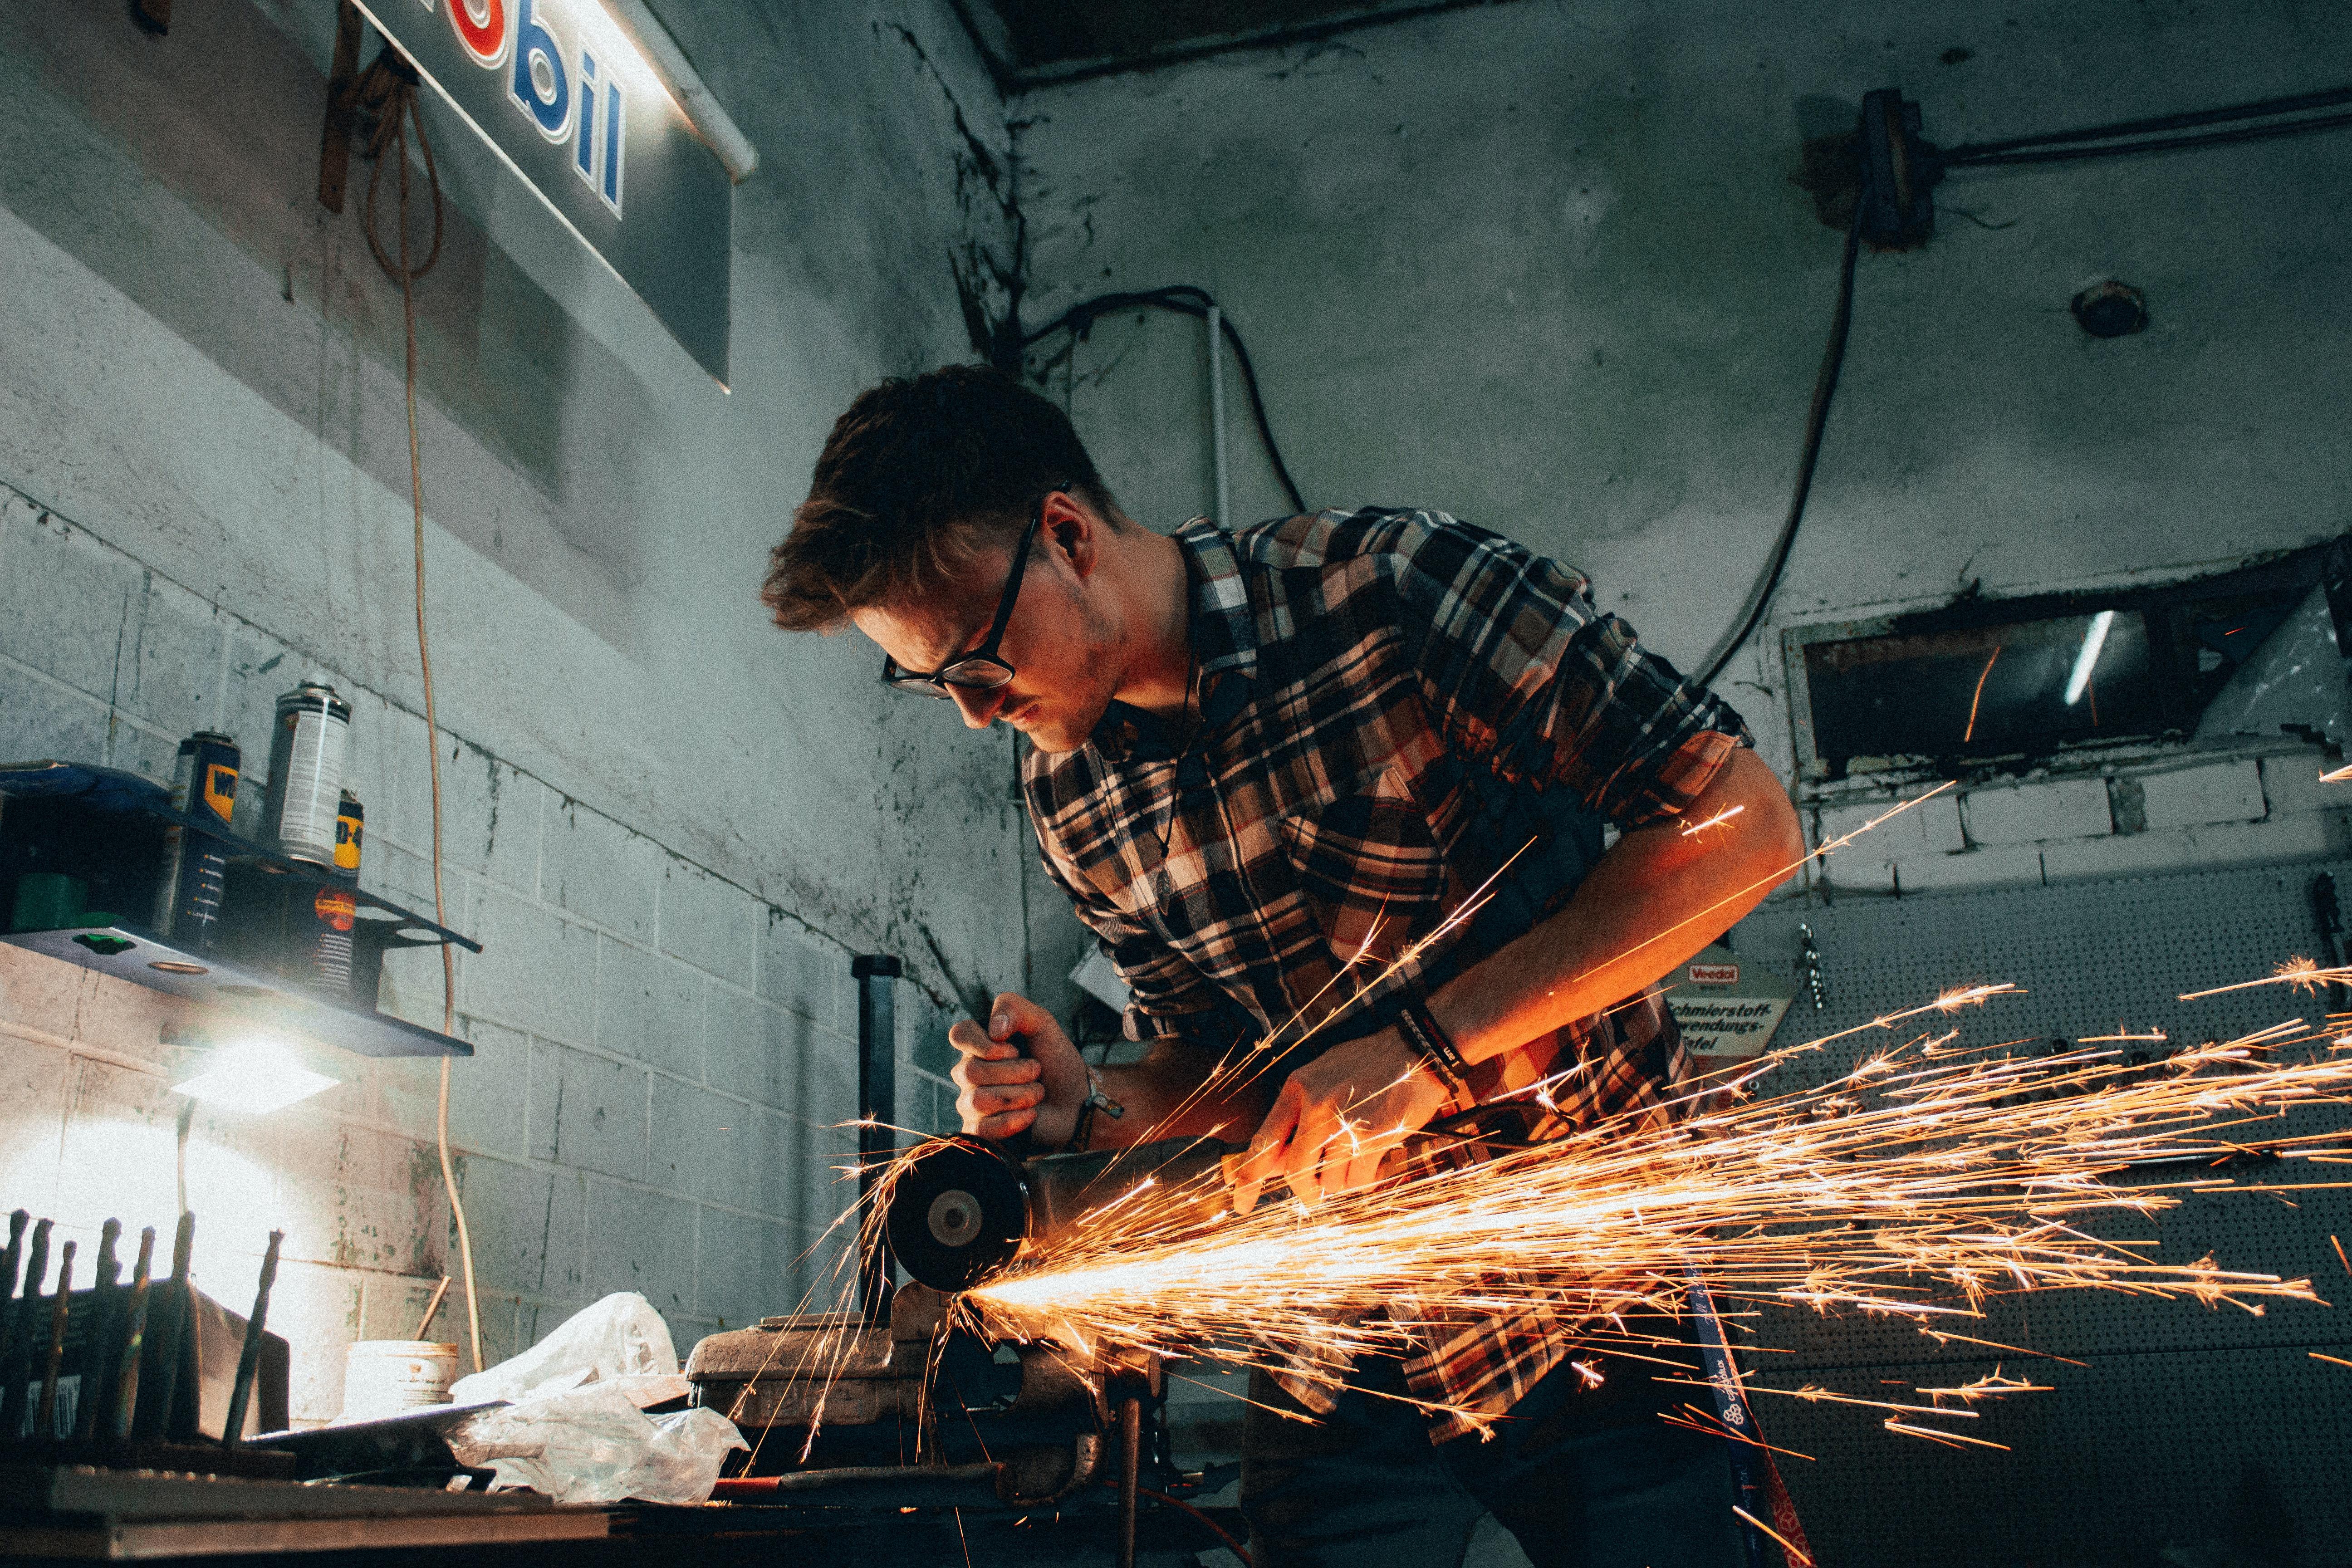 man welding iron | in-demand jobs in Canada